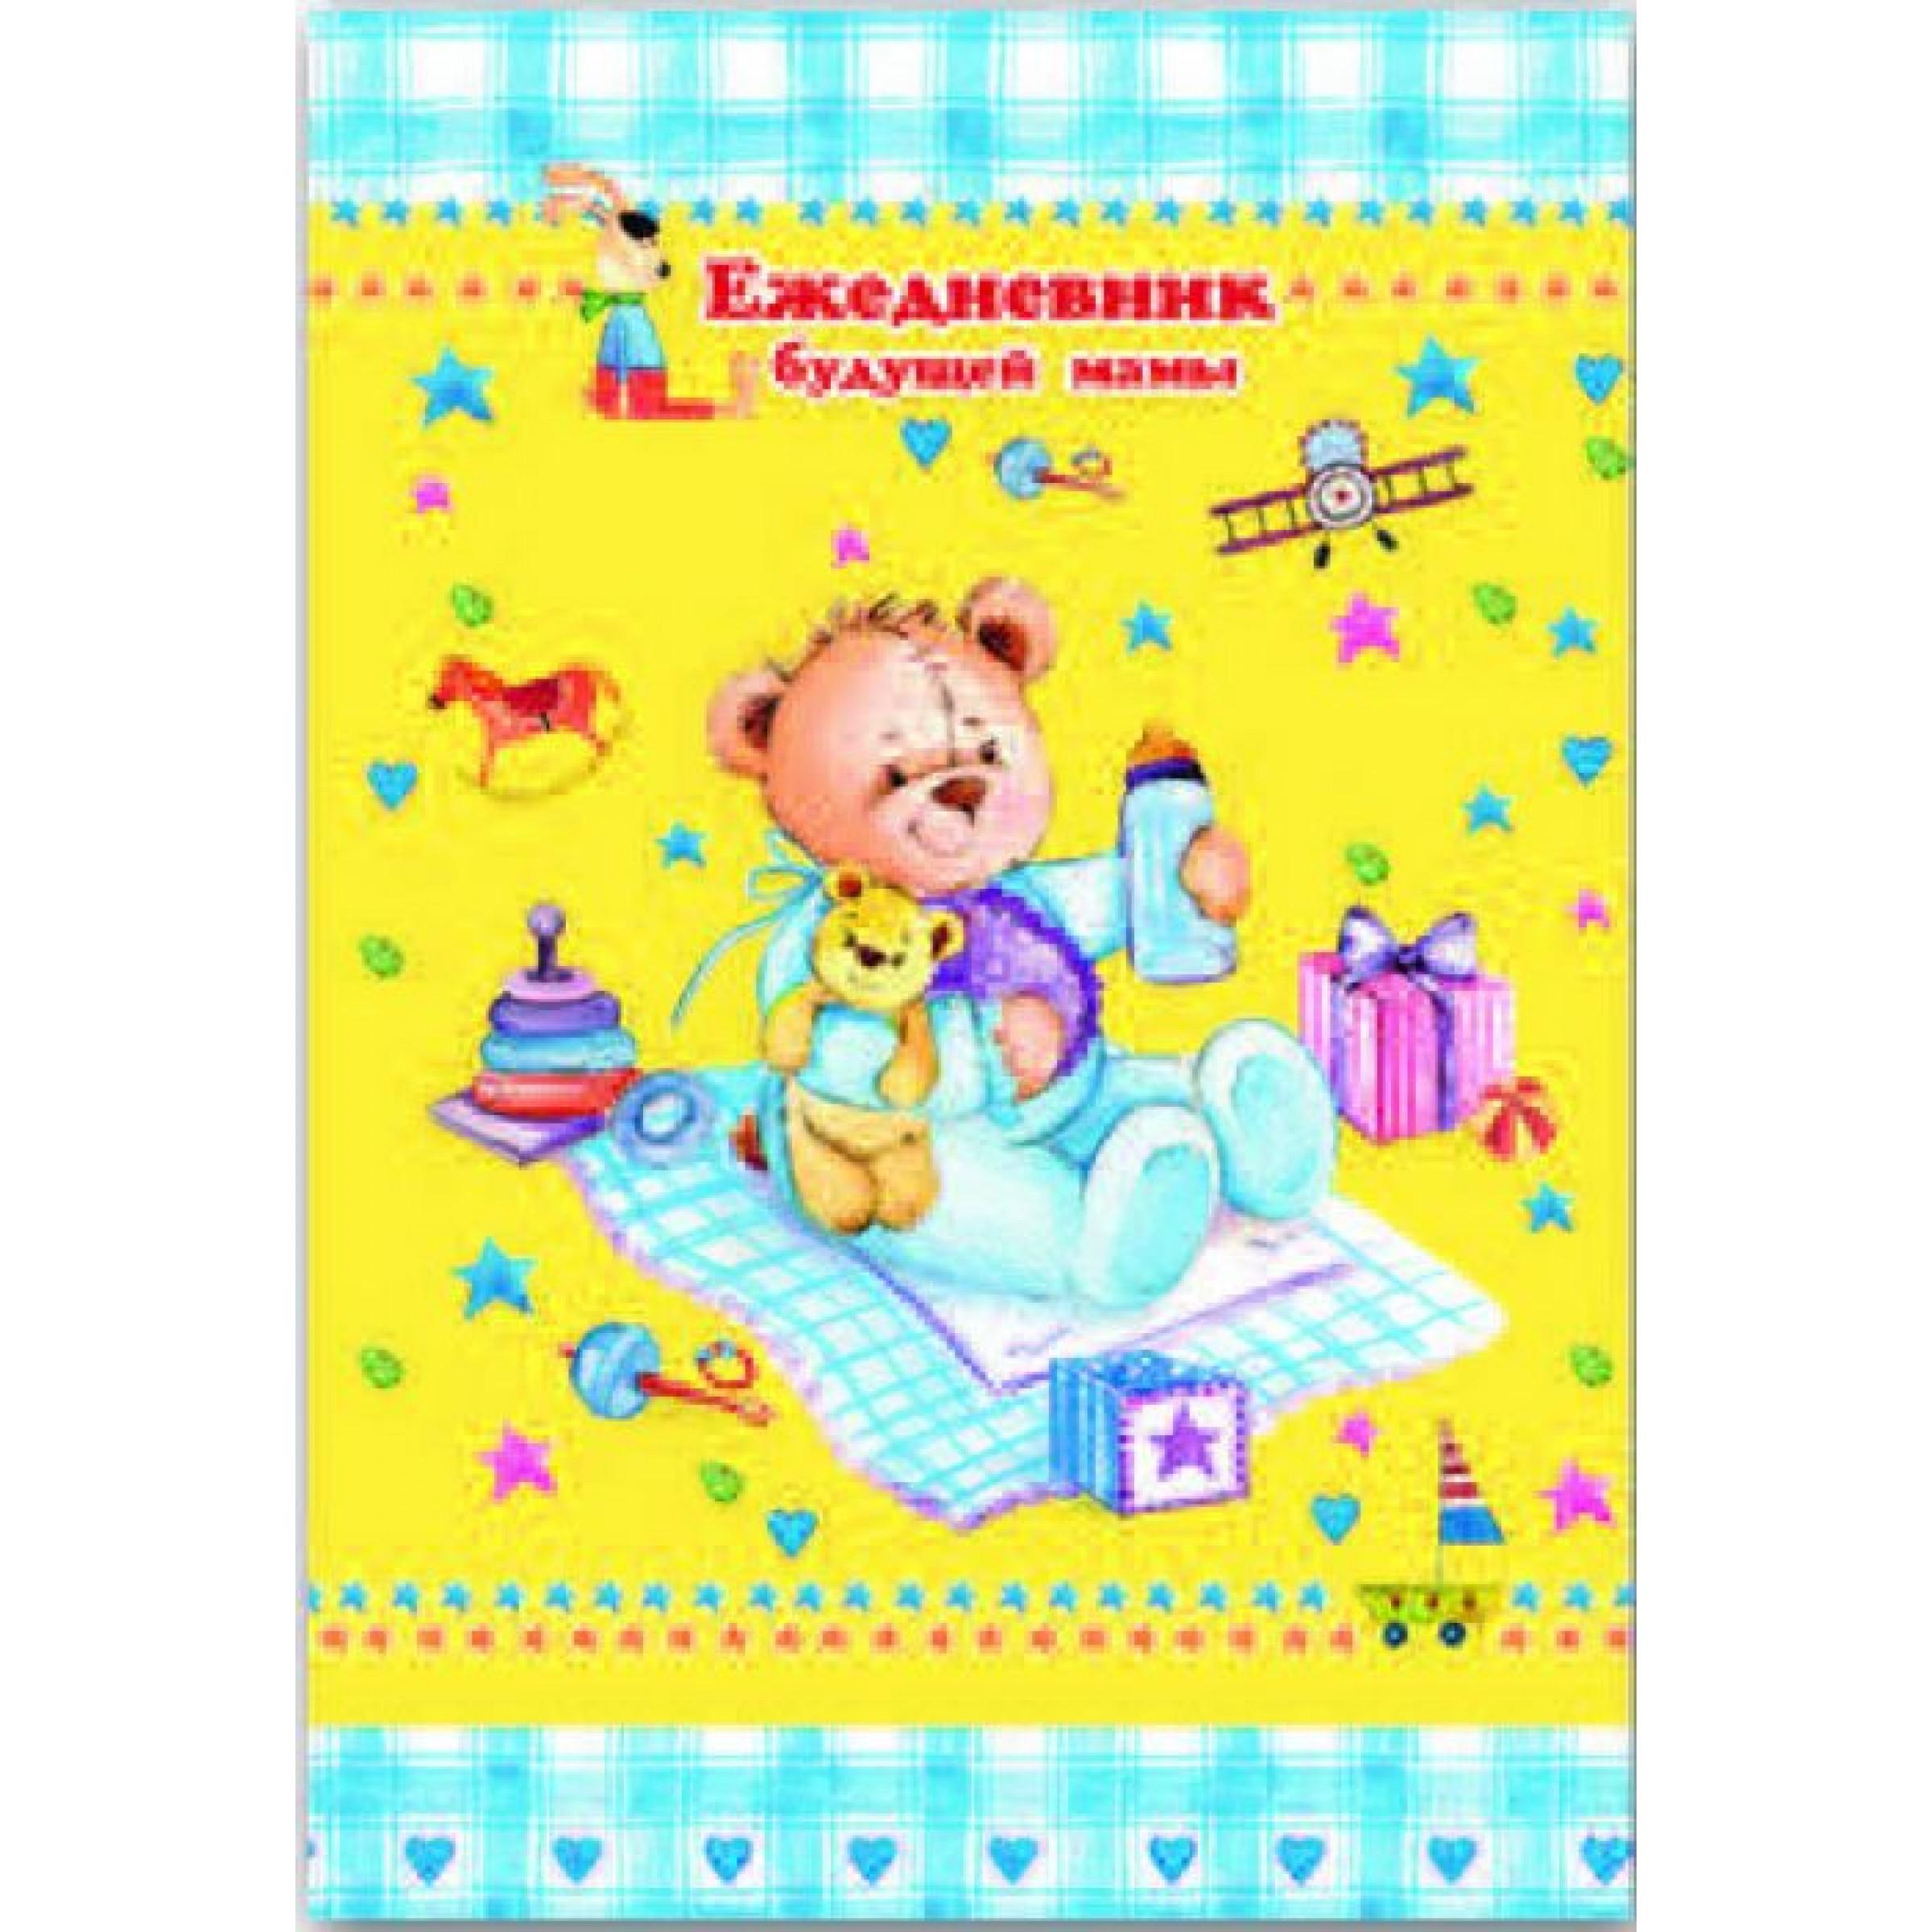 """Ежедневник будущей мамы """"Медвежонок"""", 105х148мм."""